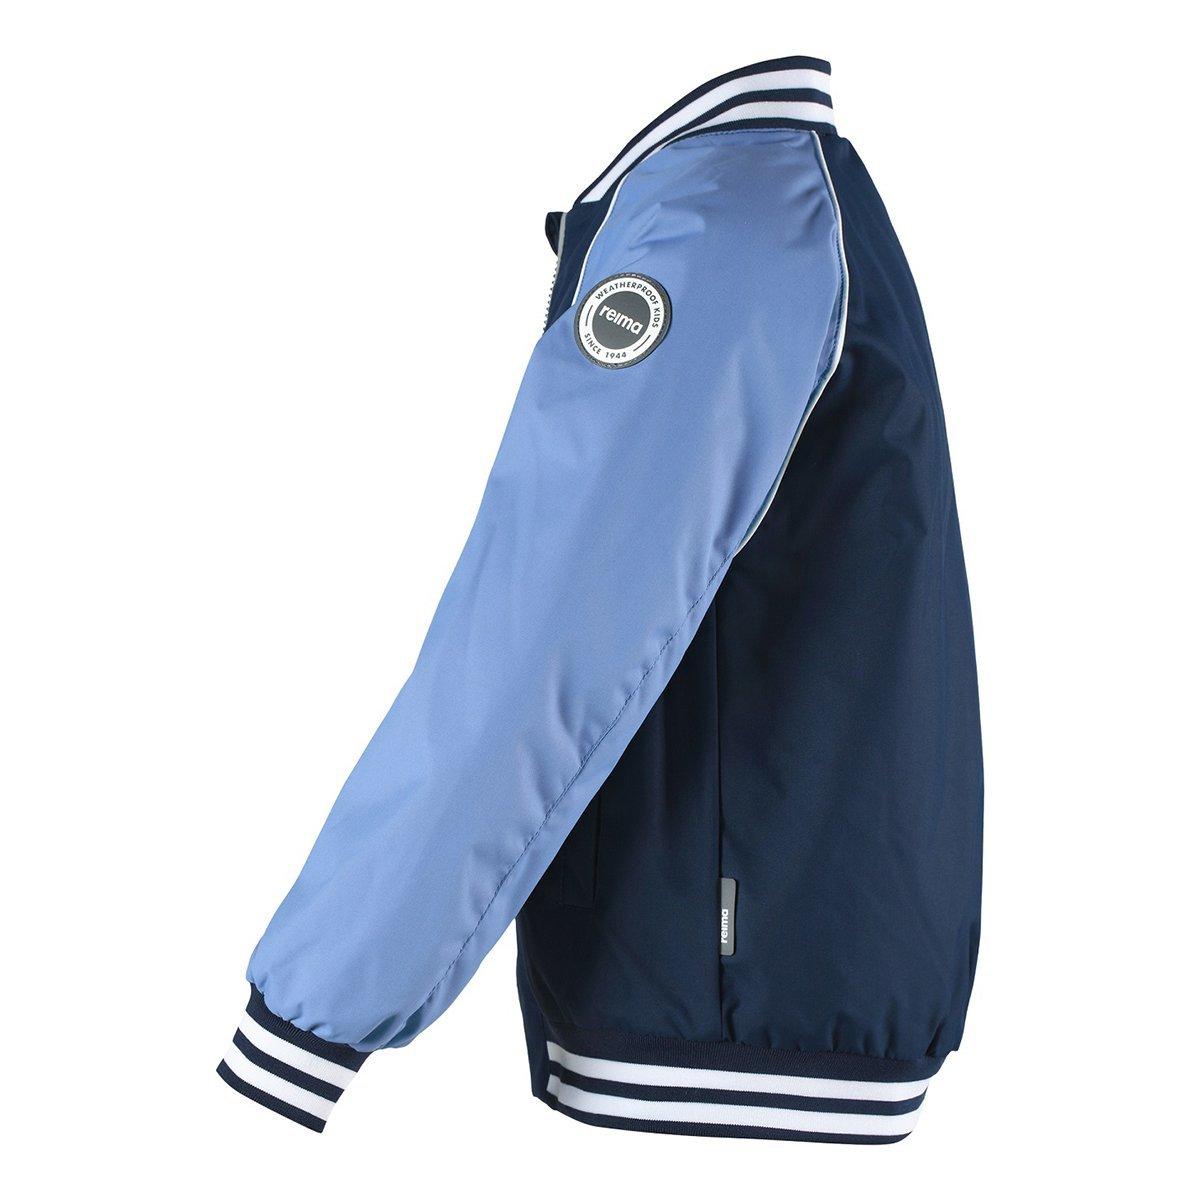 Купить Верхняя одежда, Куртка Reima Aarre, р. 158 531385R-6980 ТМ: REIMA, синий